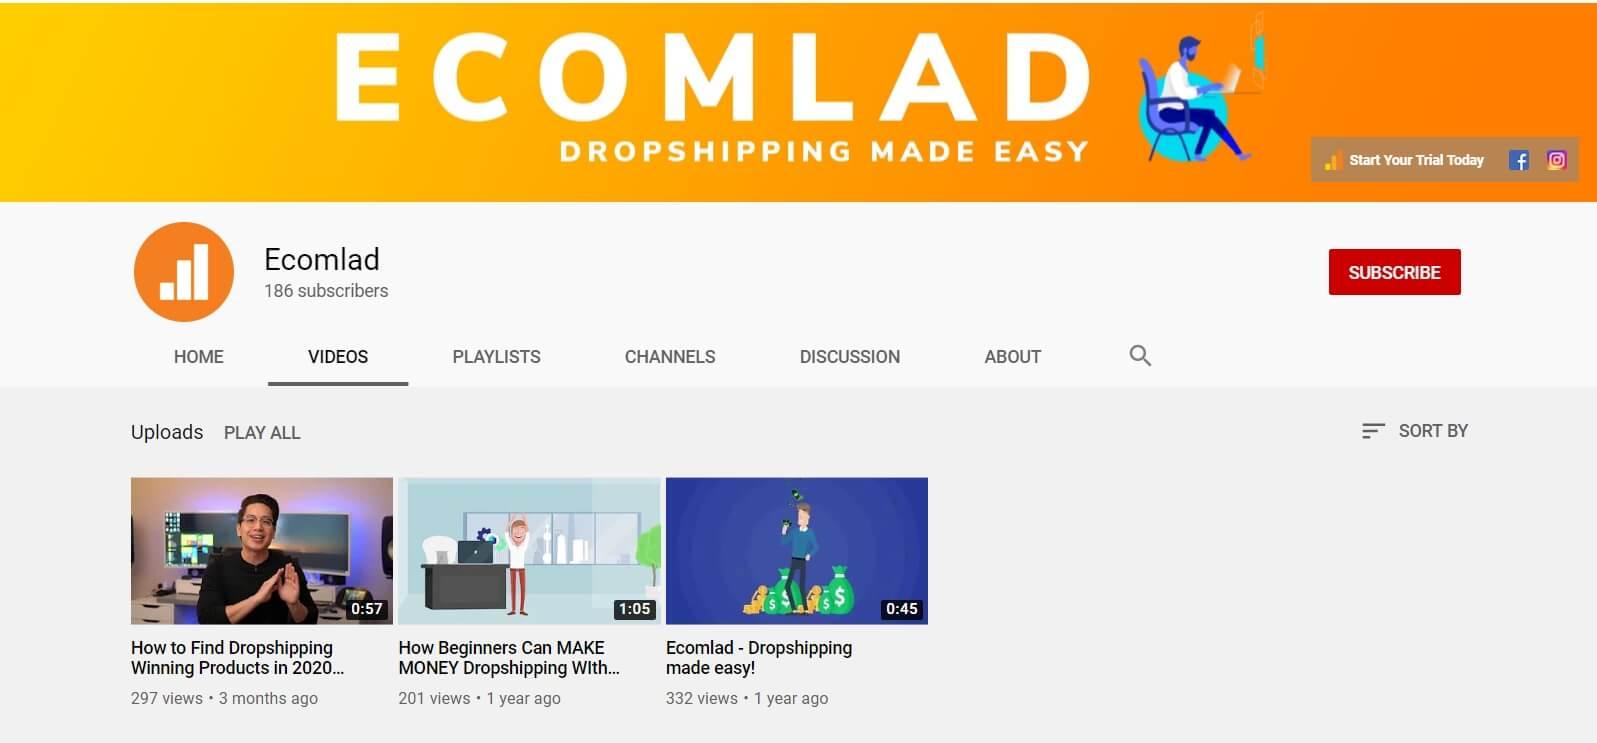 Ecomlad review